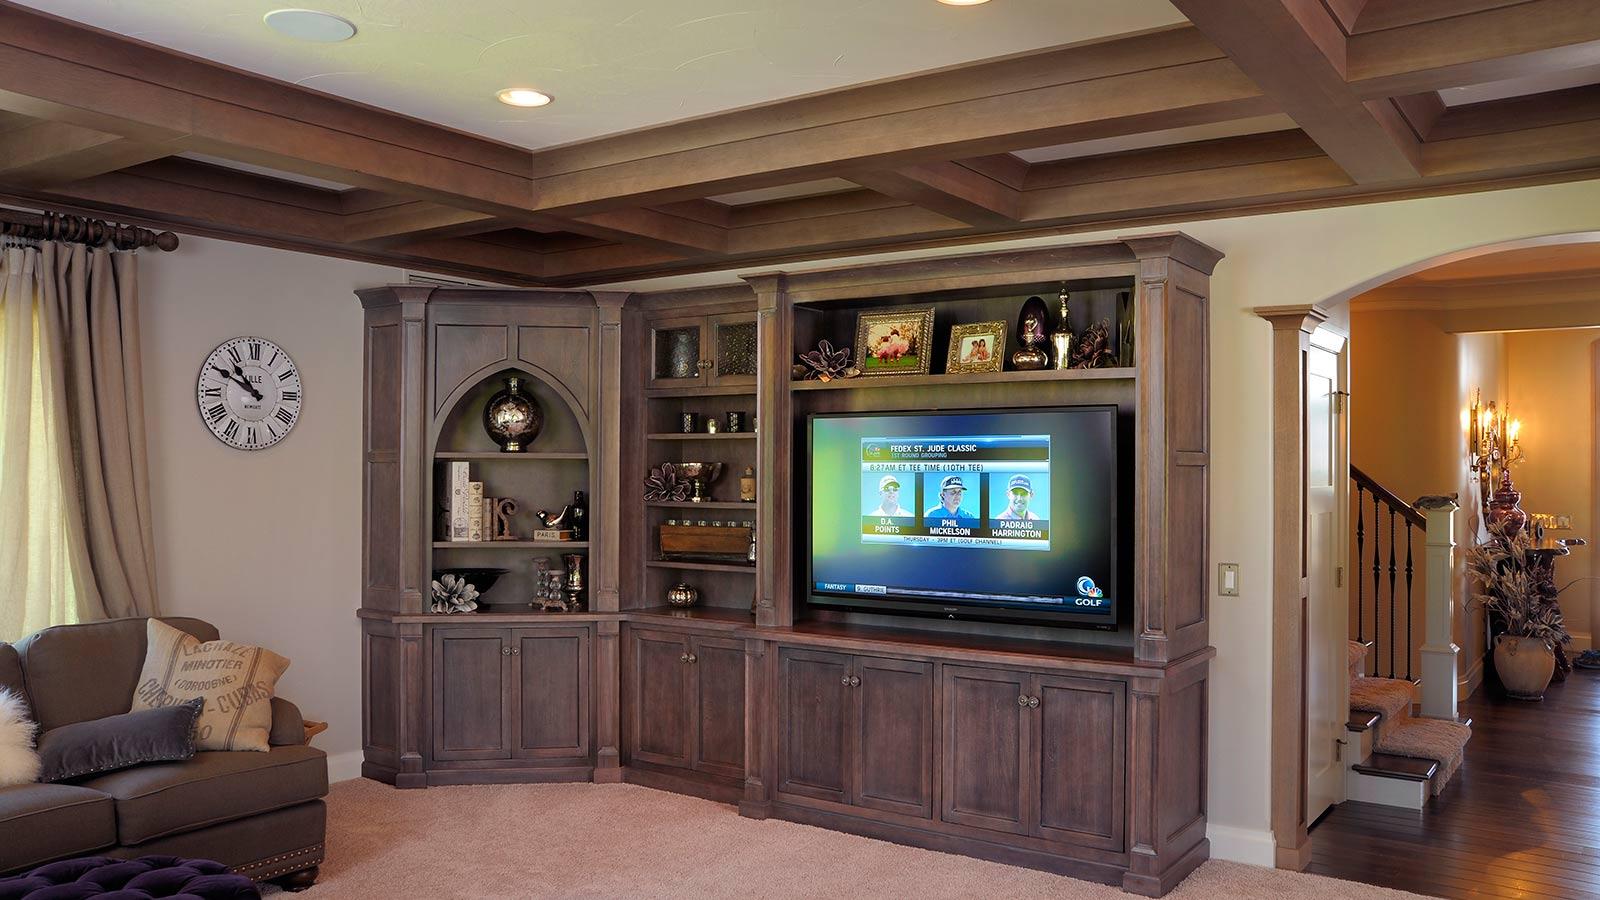 mullet cabinet living room entertainment area. Black Bedroom Furniture Sets. Home Design Ideas